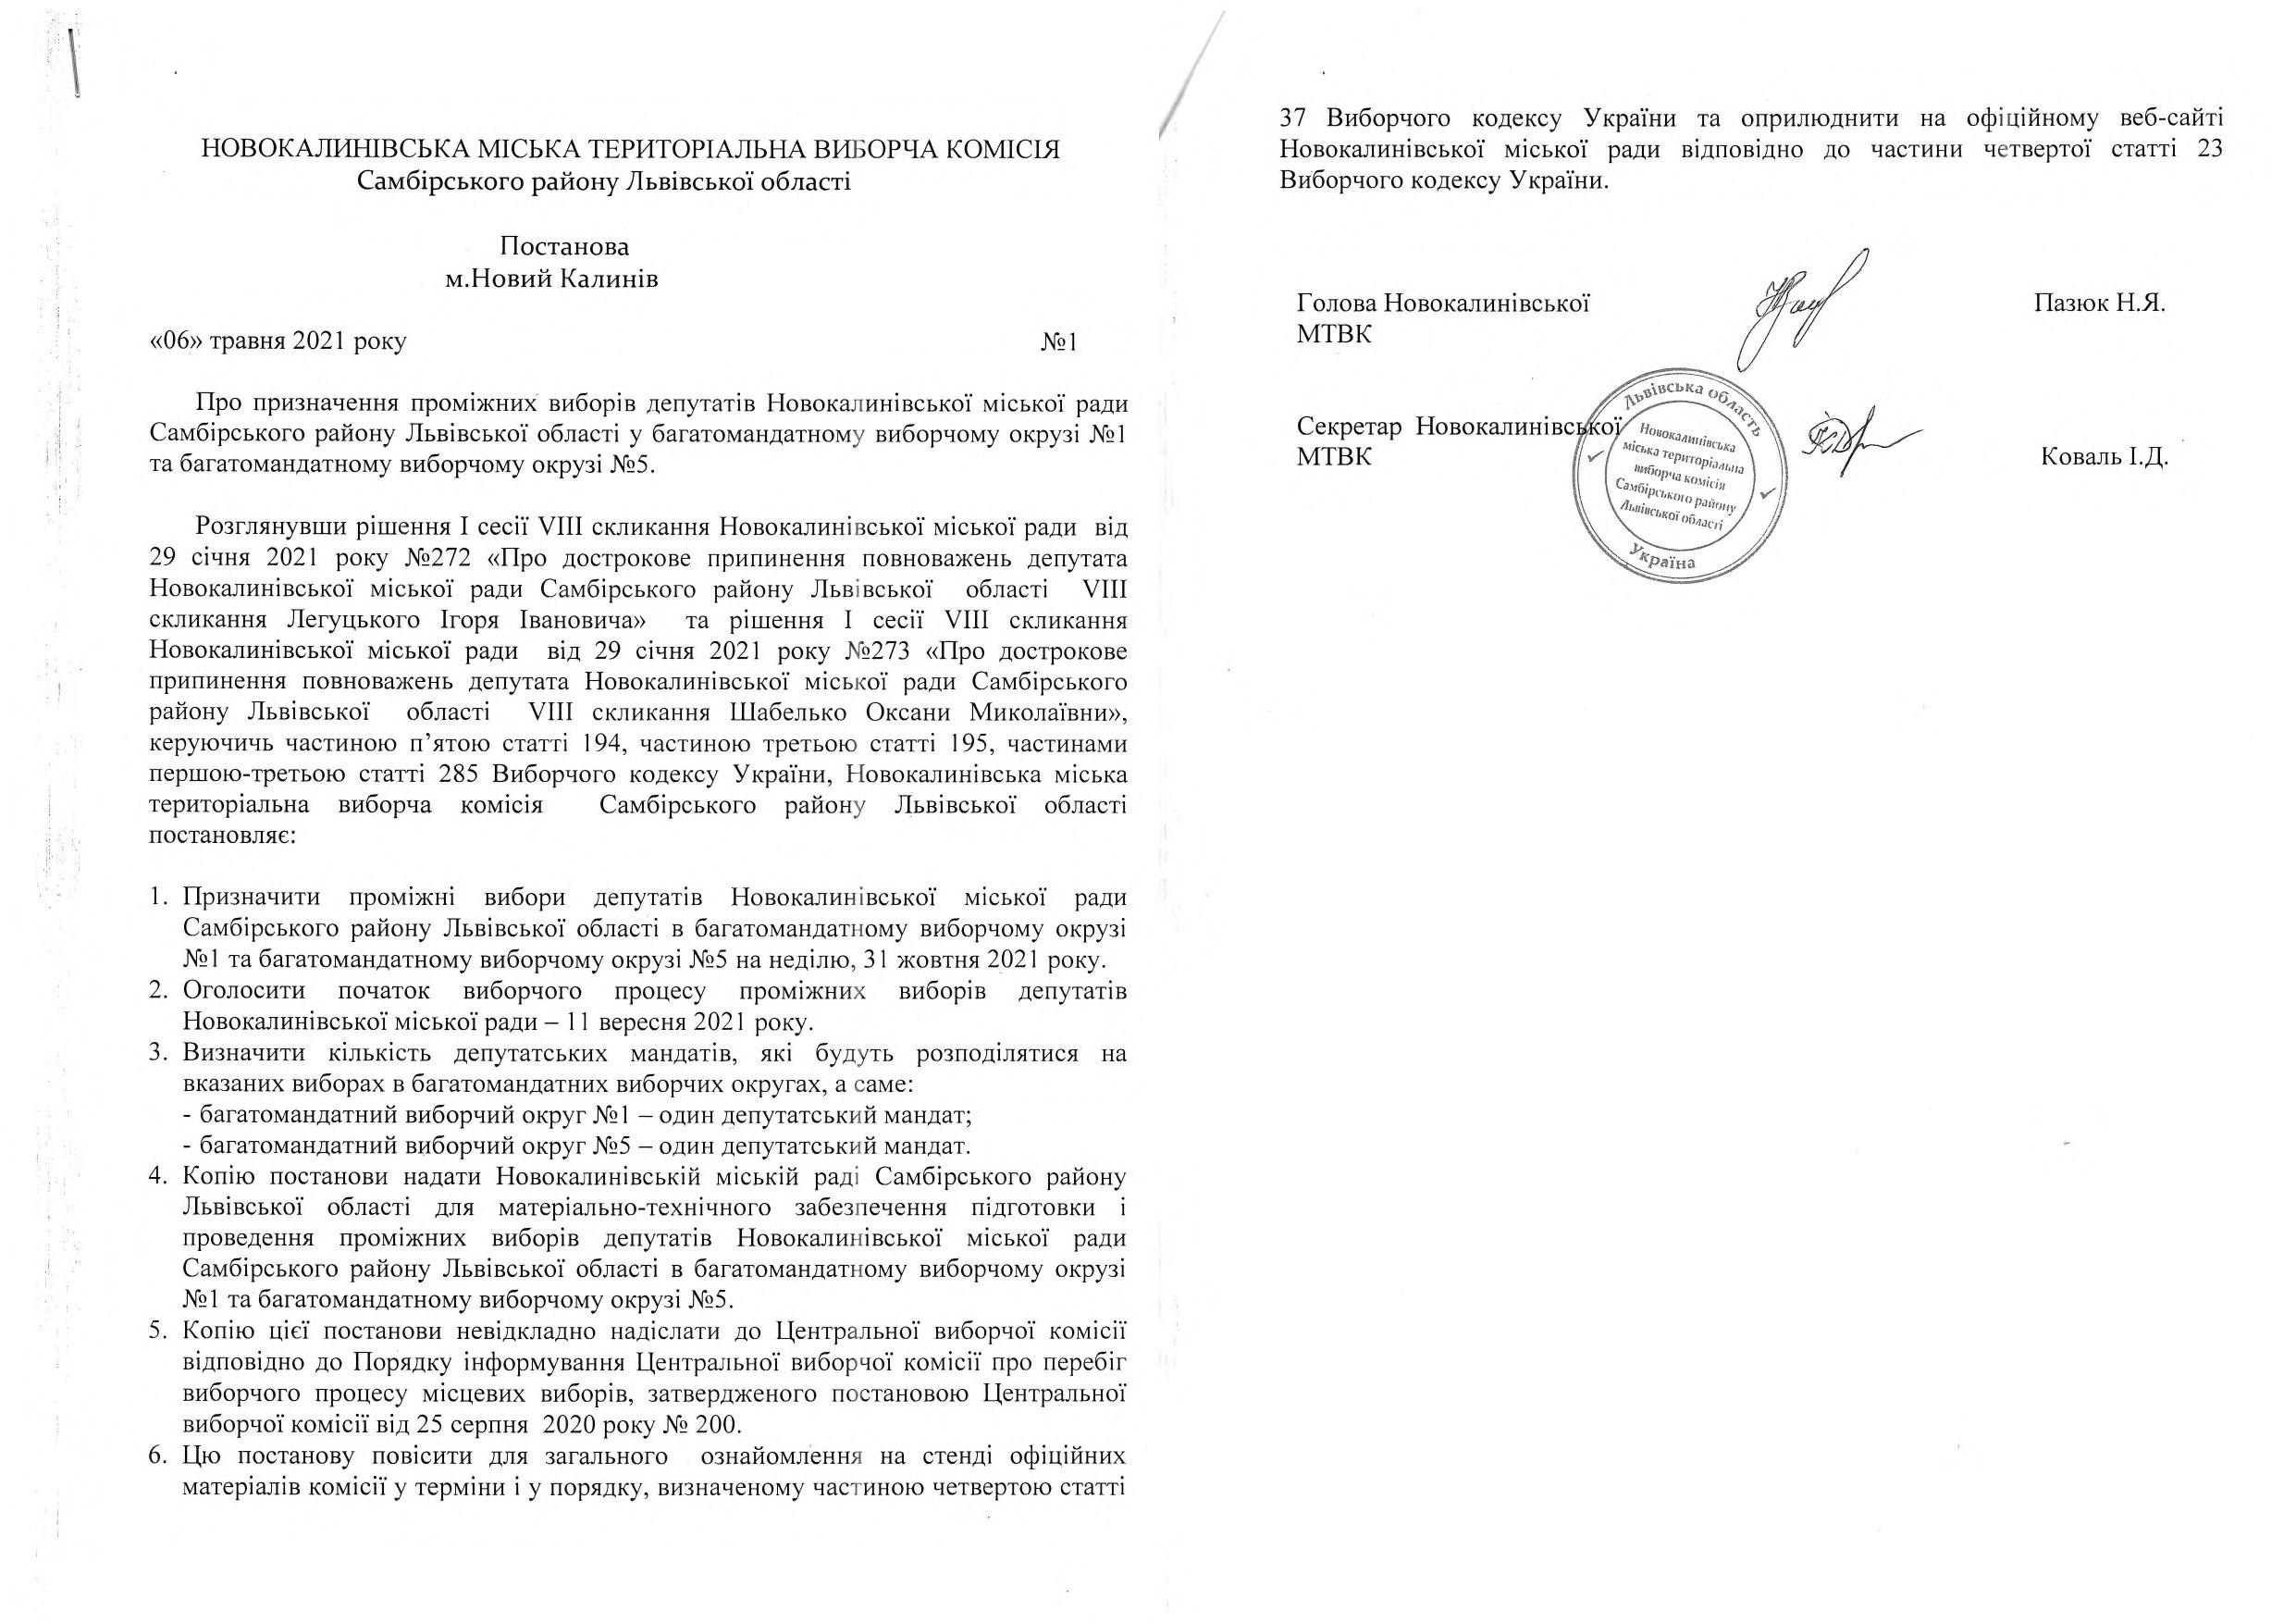 Novokalynivska mtvk informuie PRO REZULTATY VYBORIV NOVOKALYNIVSKA MISKA RADA 2021